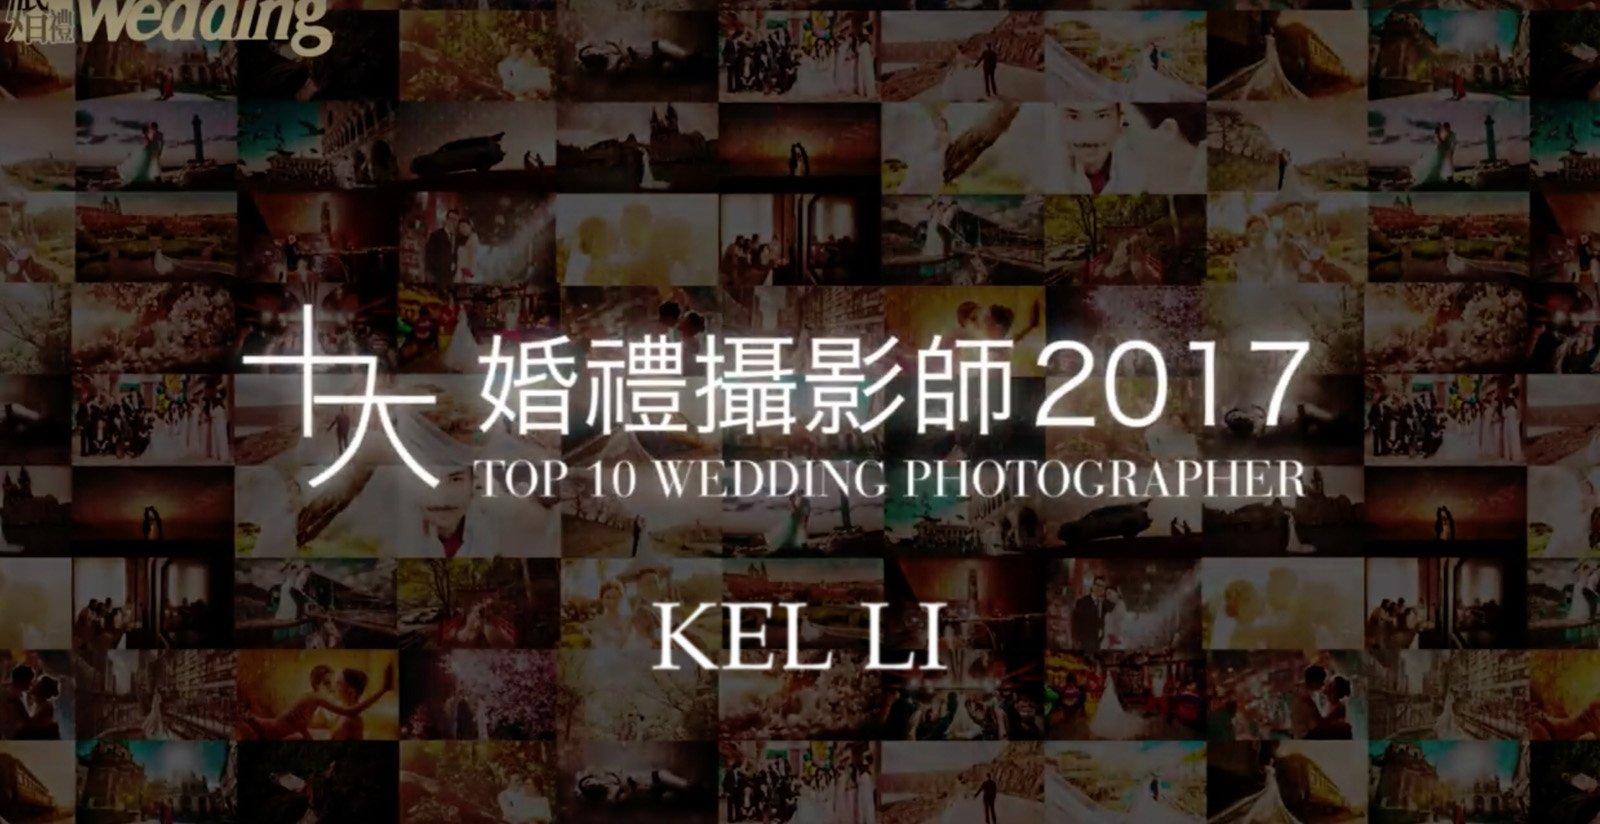 剛獲選為香港十大婚禮攝影師 |  HK Top 10 Wedding Photographer